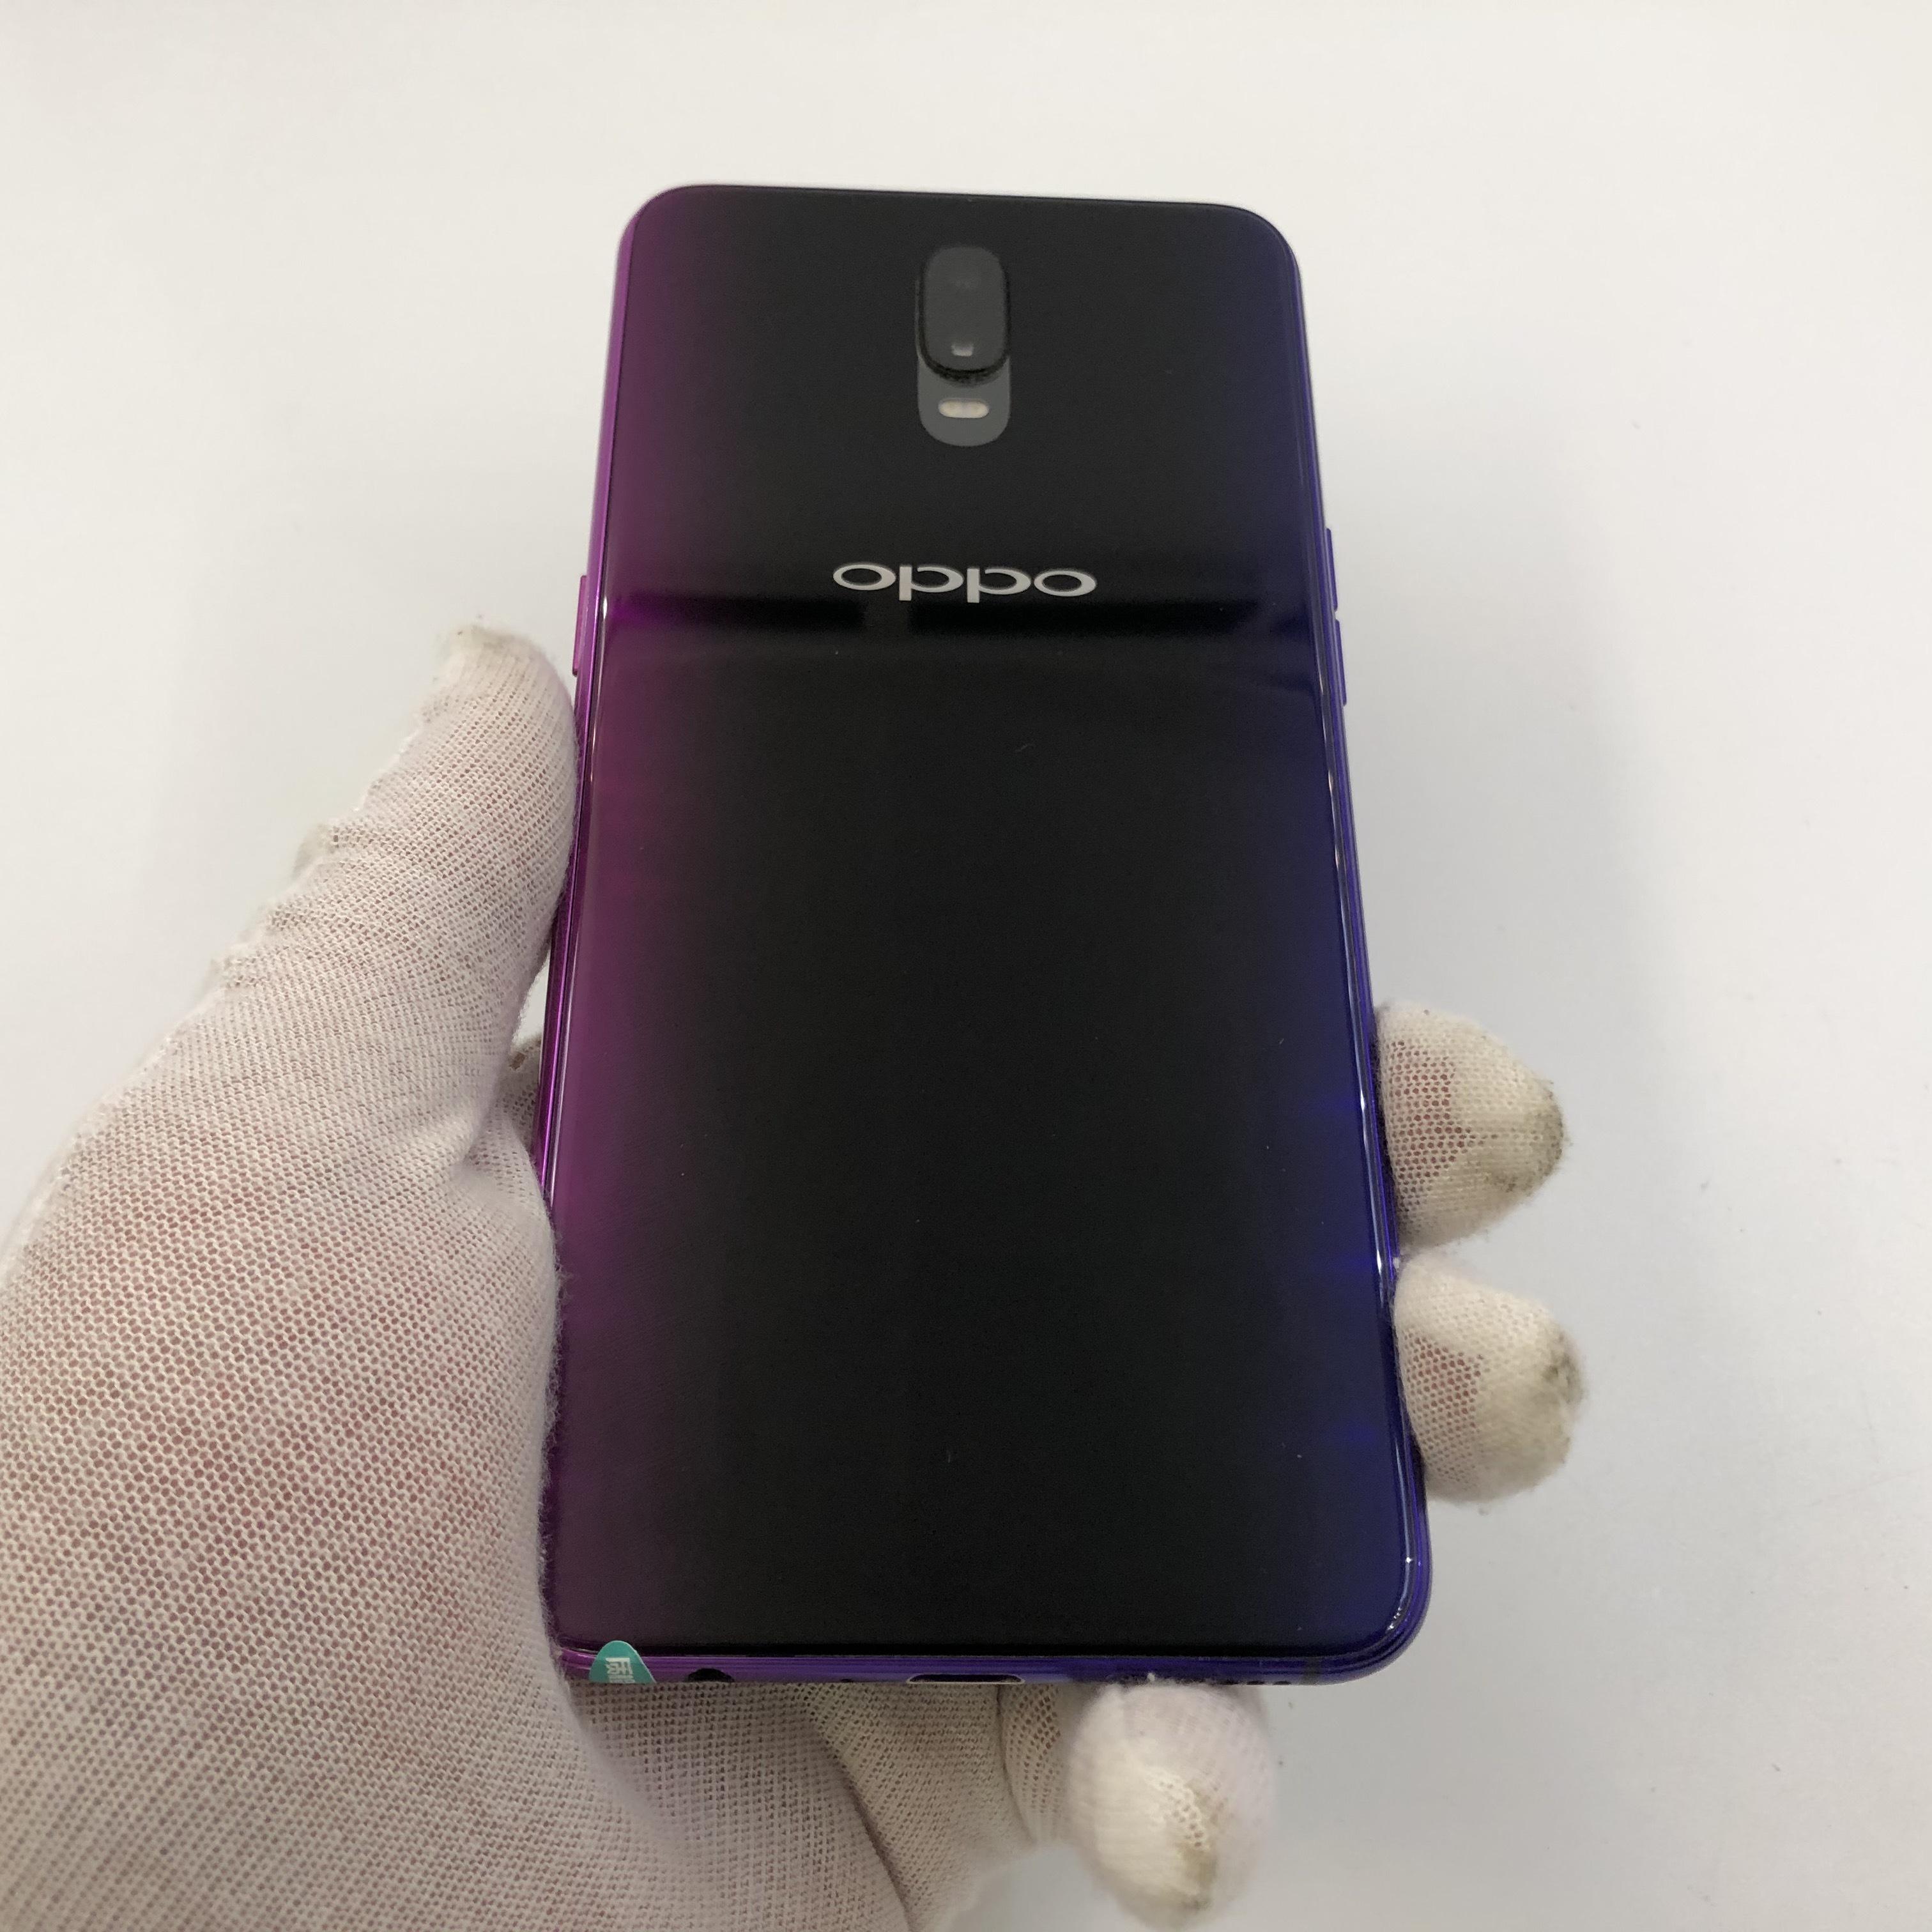 oppo【R17】4G全网通 紫色 8G/128G 国行 95新